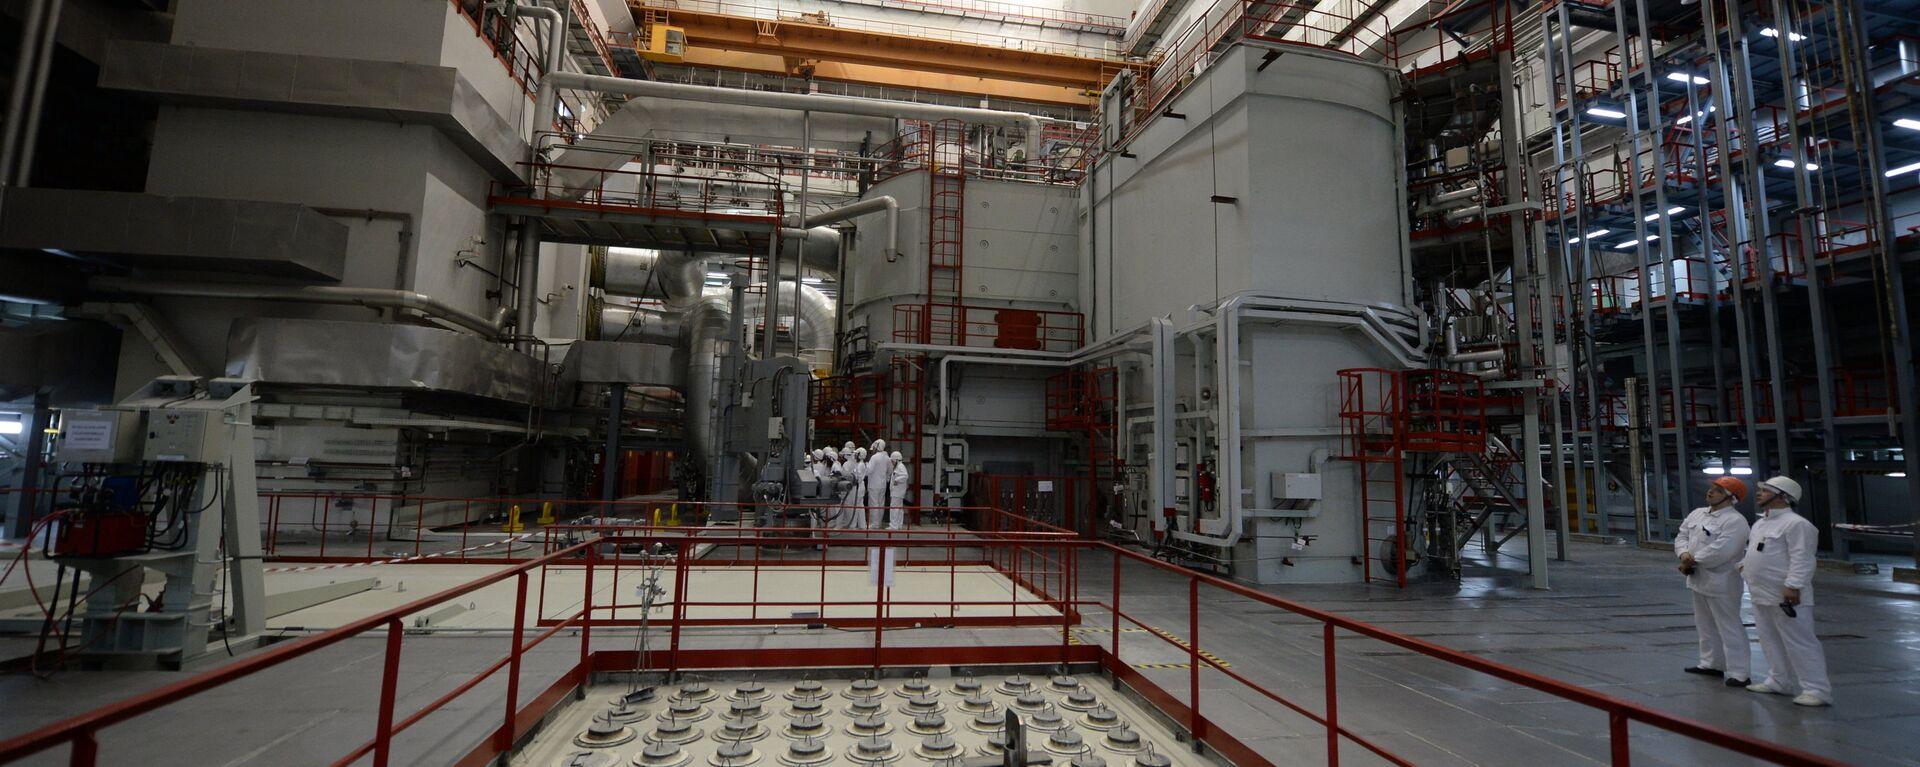 Атомная электростанция - Sputnik Грузия, 1920, 06.09.2021